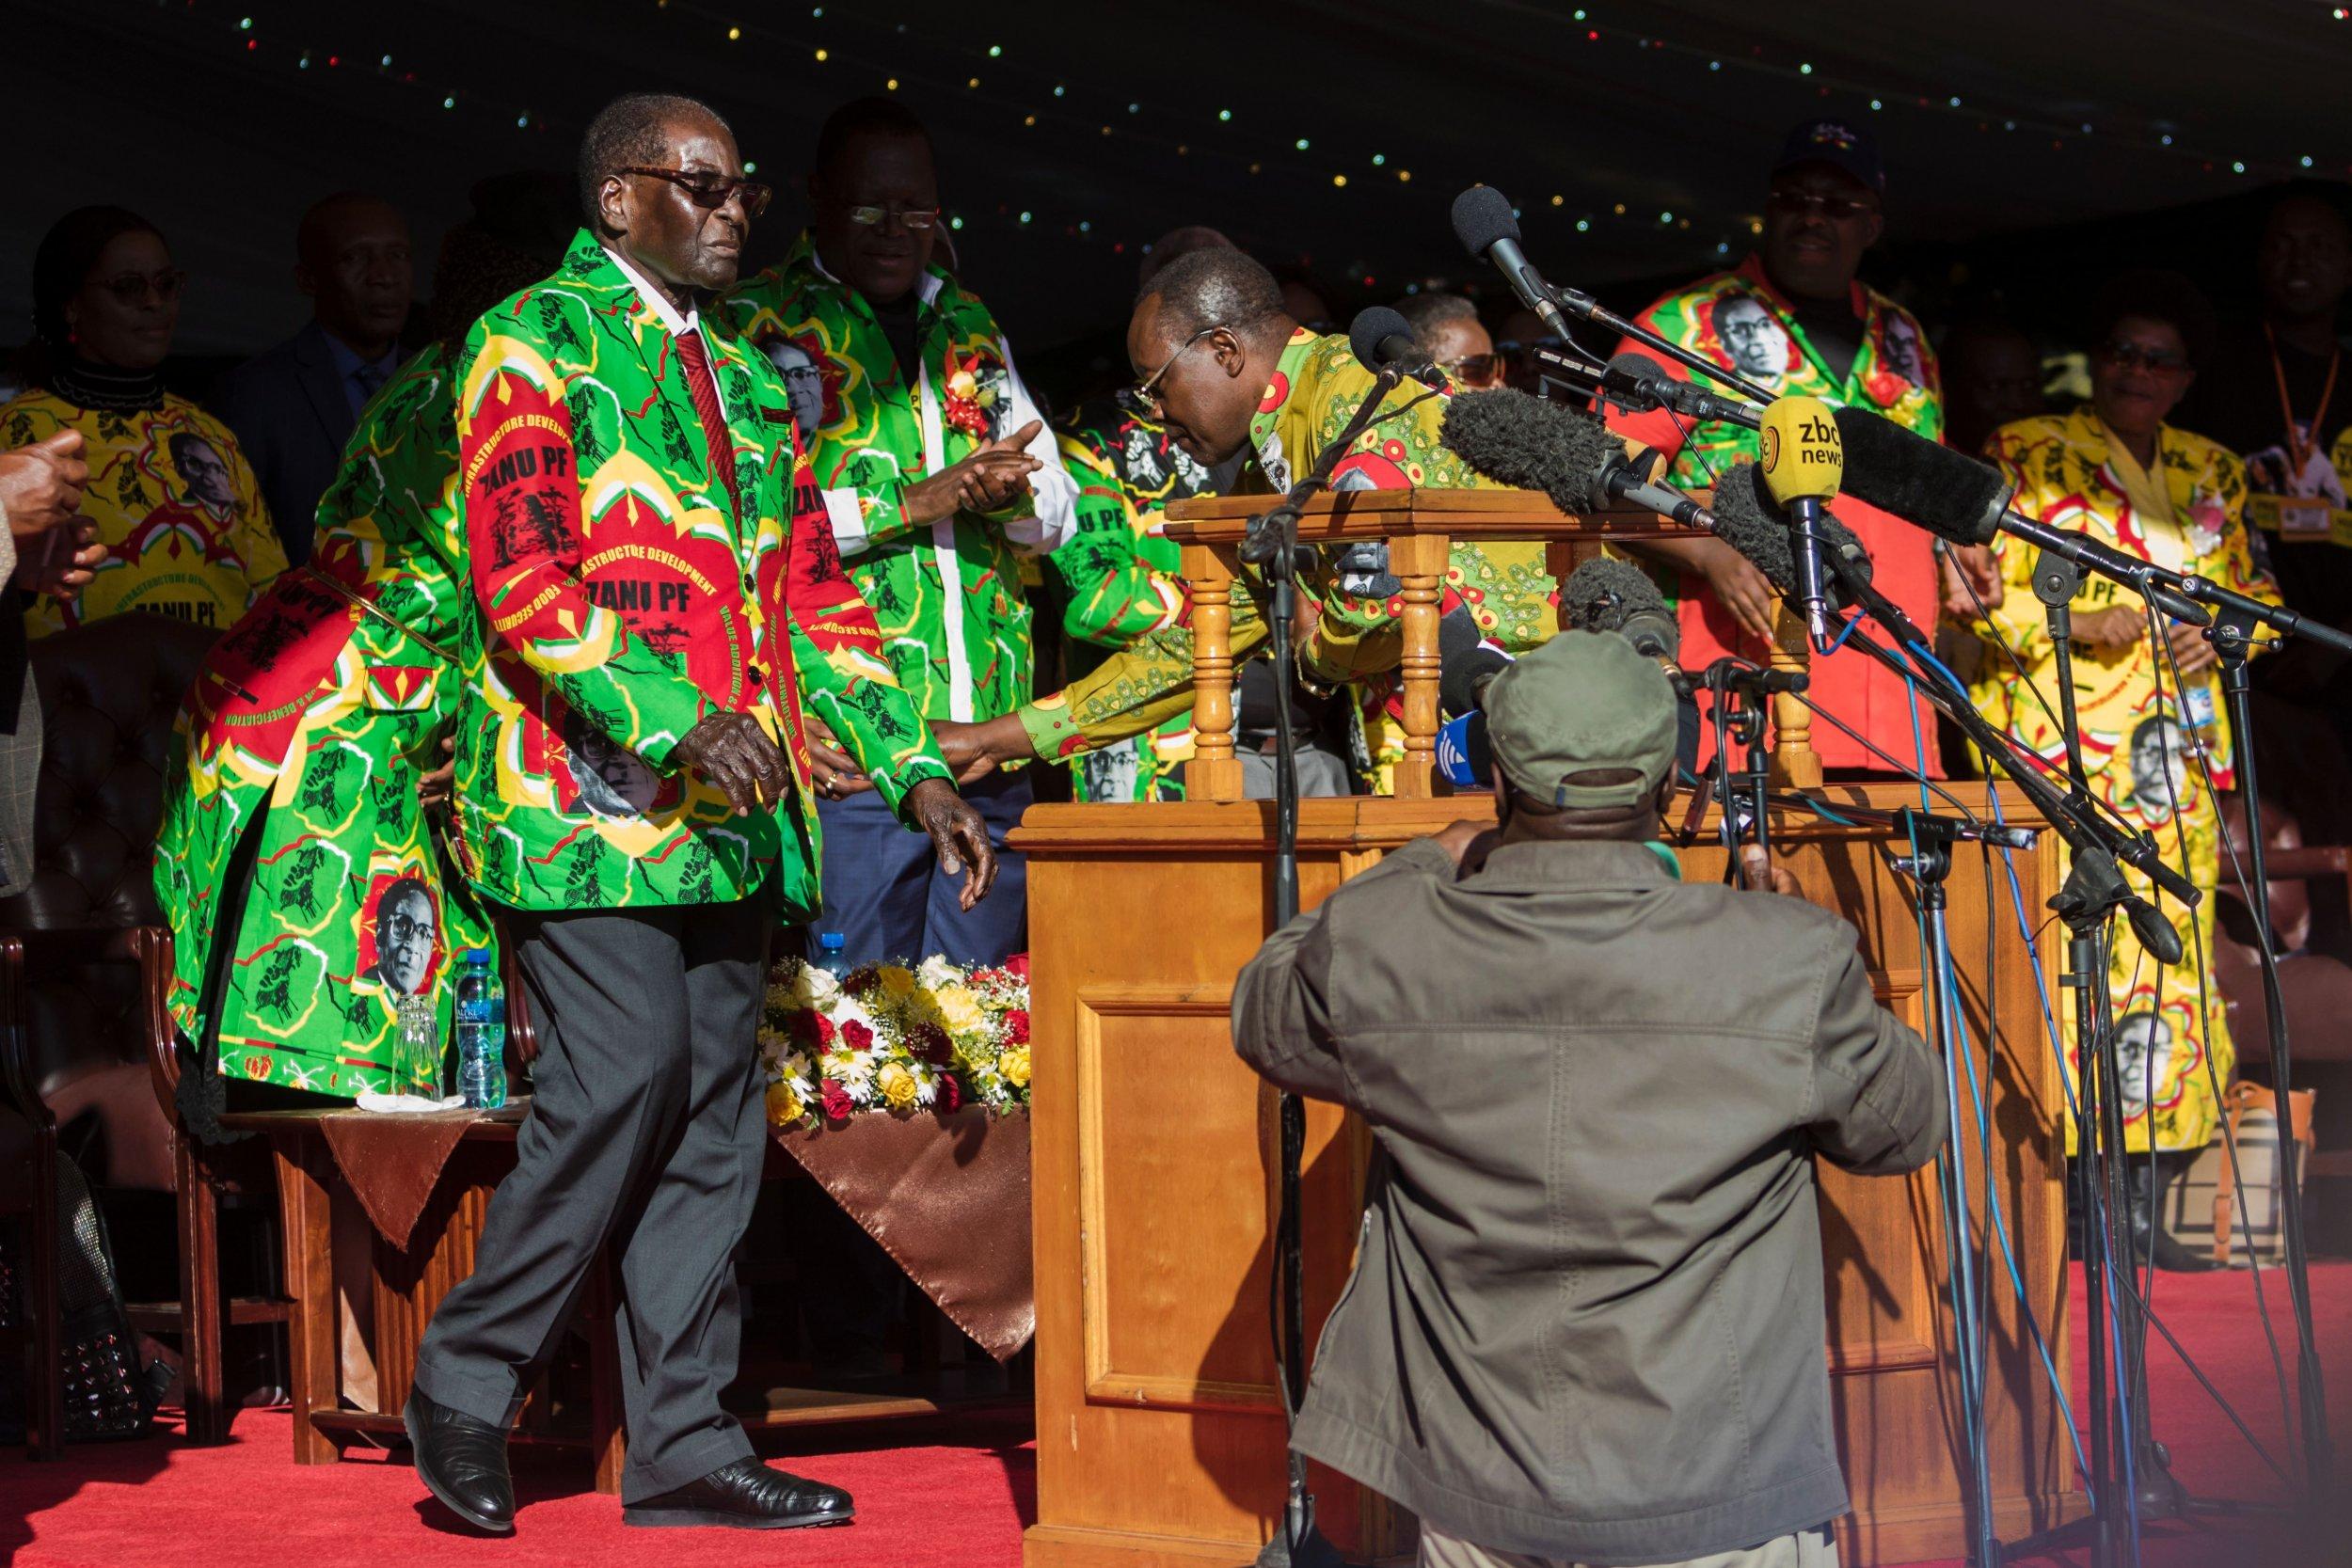 Robert Mugabe rally